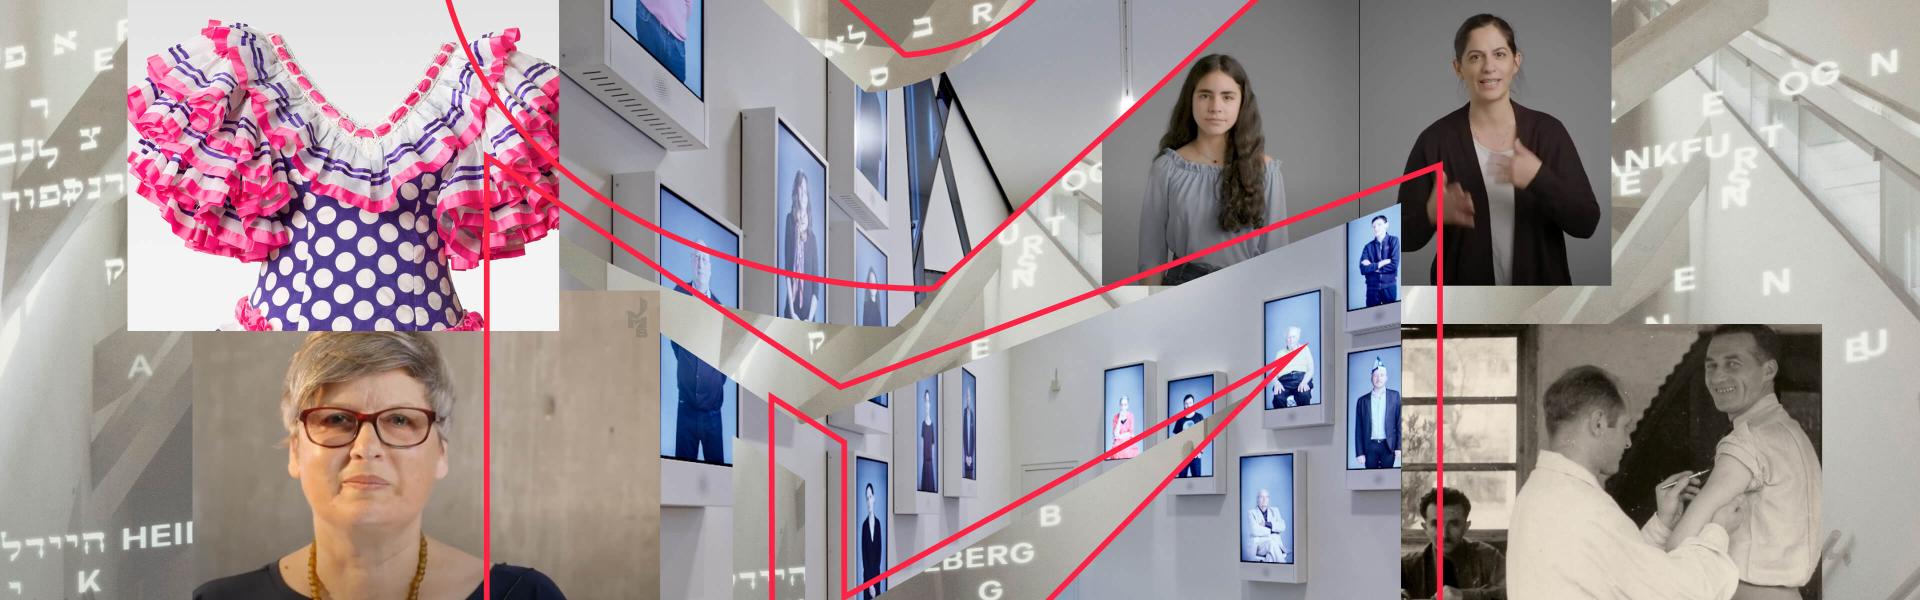 Collage mit Museumsräumen und Menschen